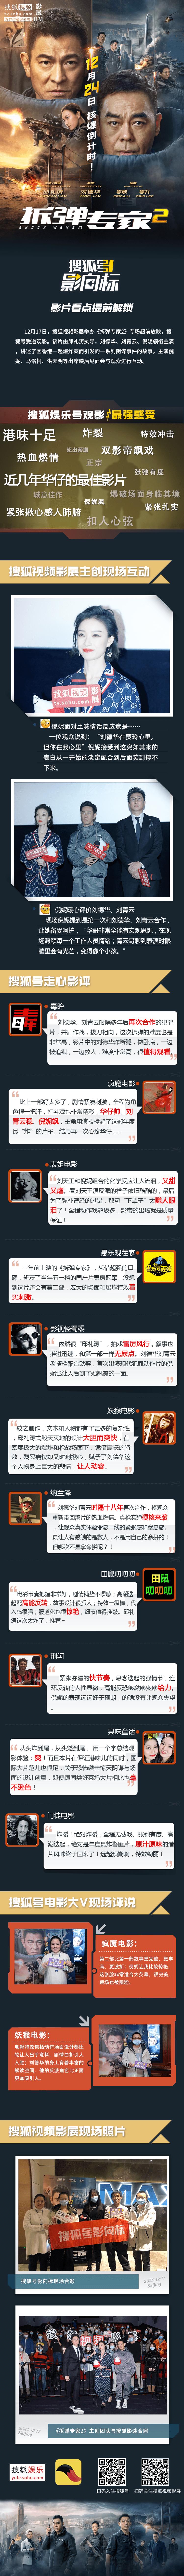 《拆弹专家2》搜狐视频影展超前放映,刘德华刘青云影帝再合作联手拆弹